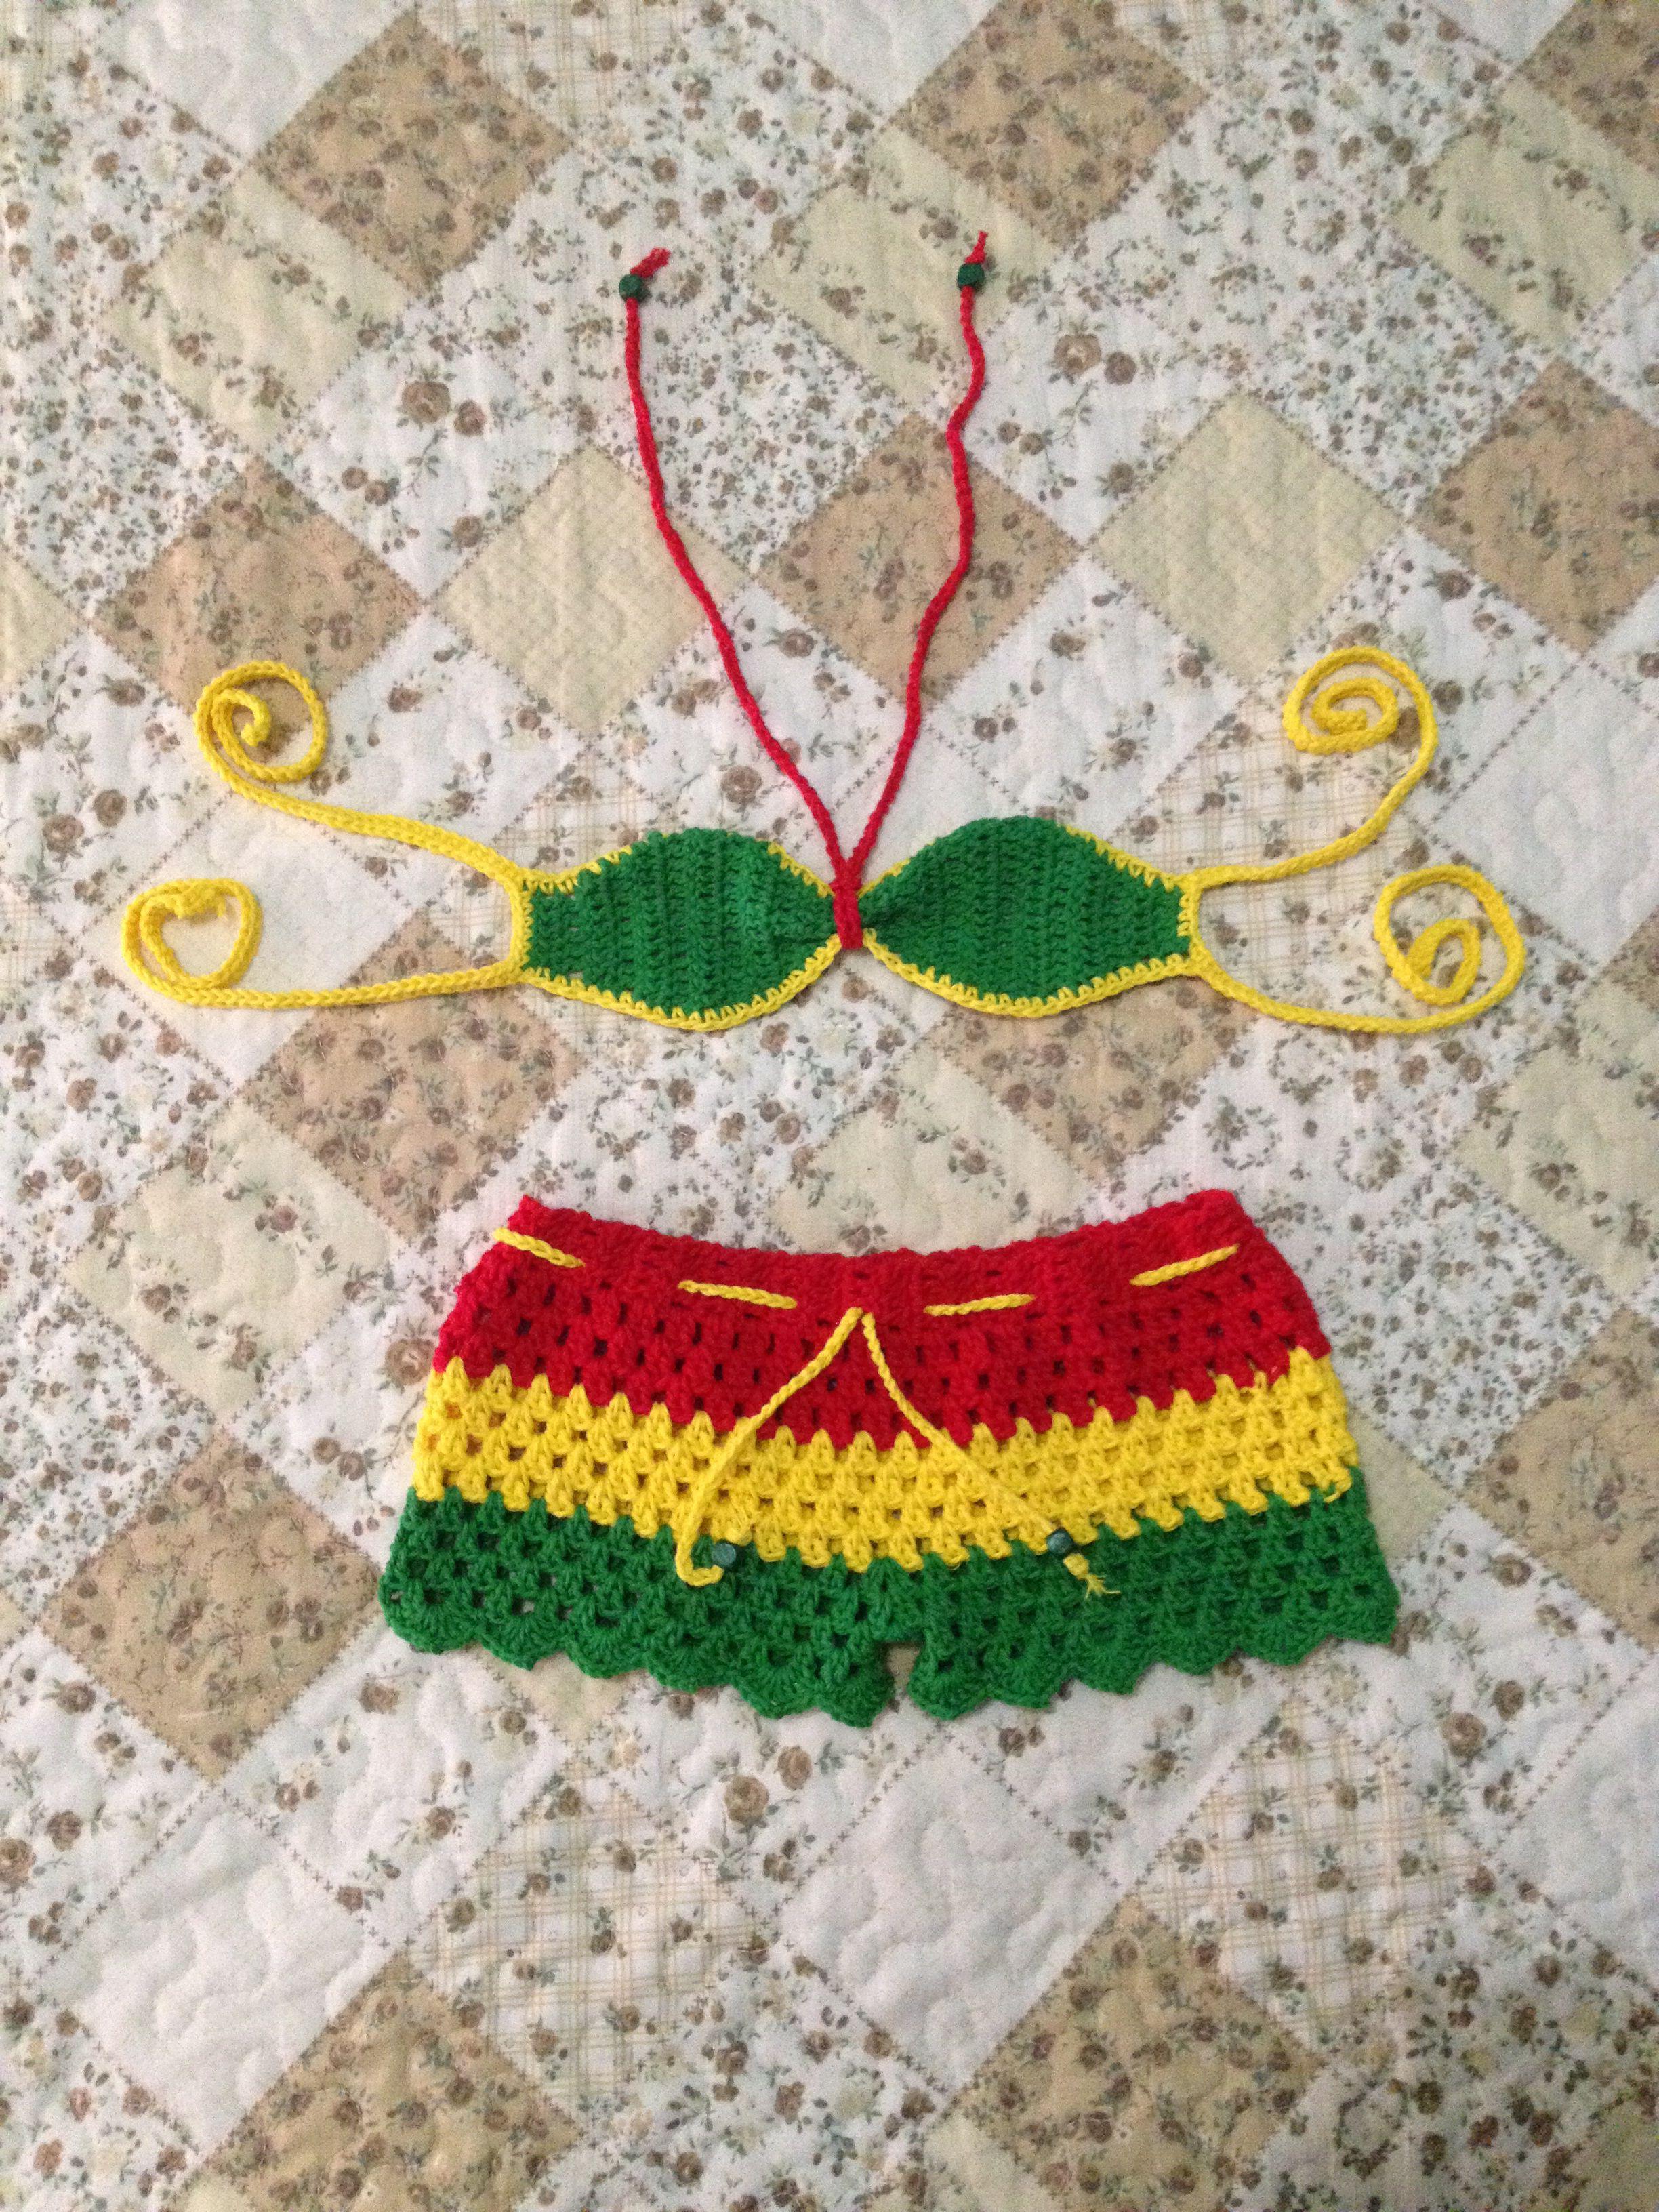 db6c7b9960ac Traje de baño niña Biquini De Crochê Para Bebê, Biquini De Crochê Infantil,  Biquini